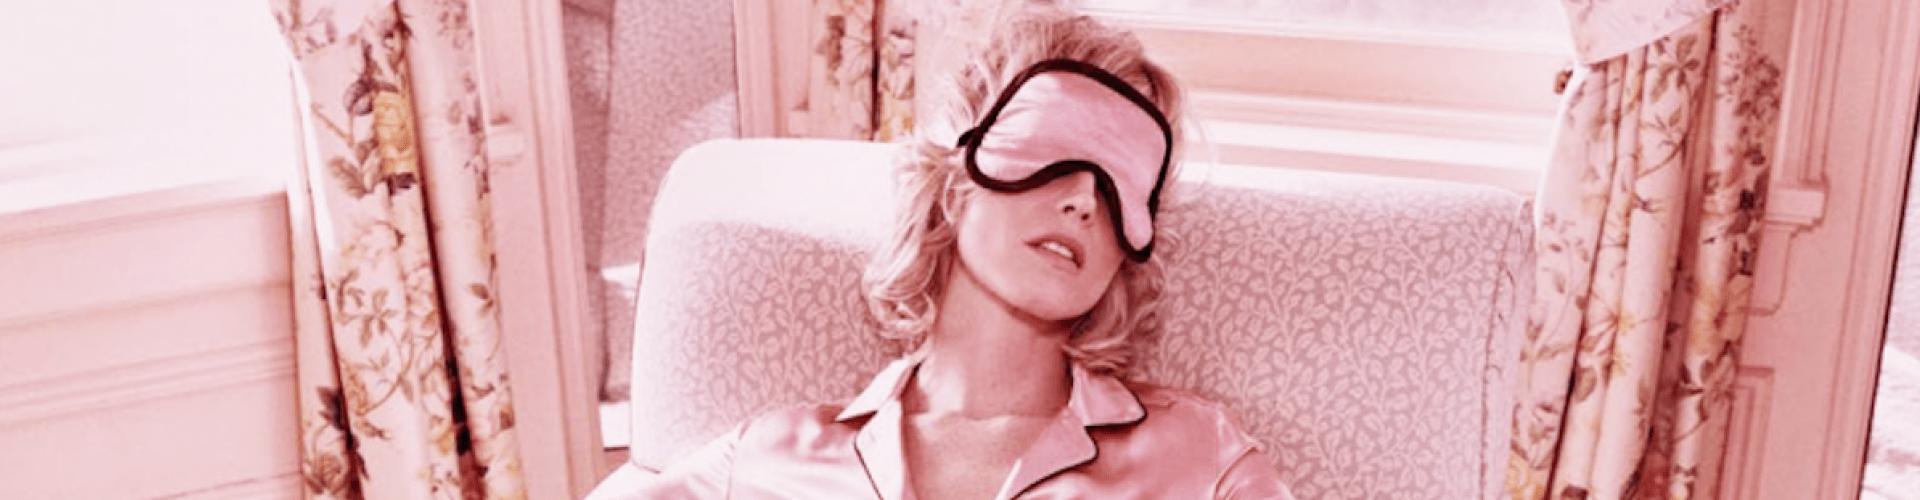 6 dolog, amit egy elegáns nő nem tesz az ágyban